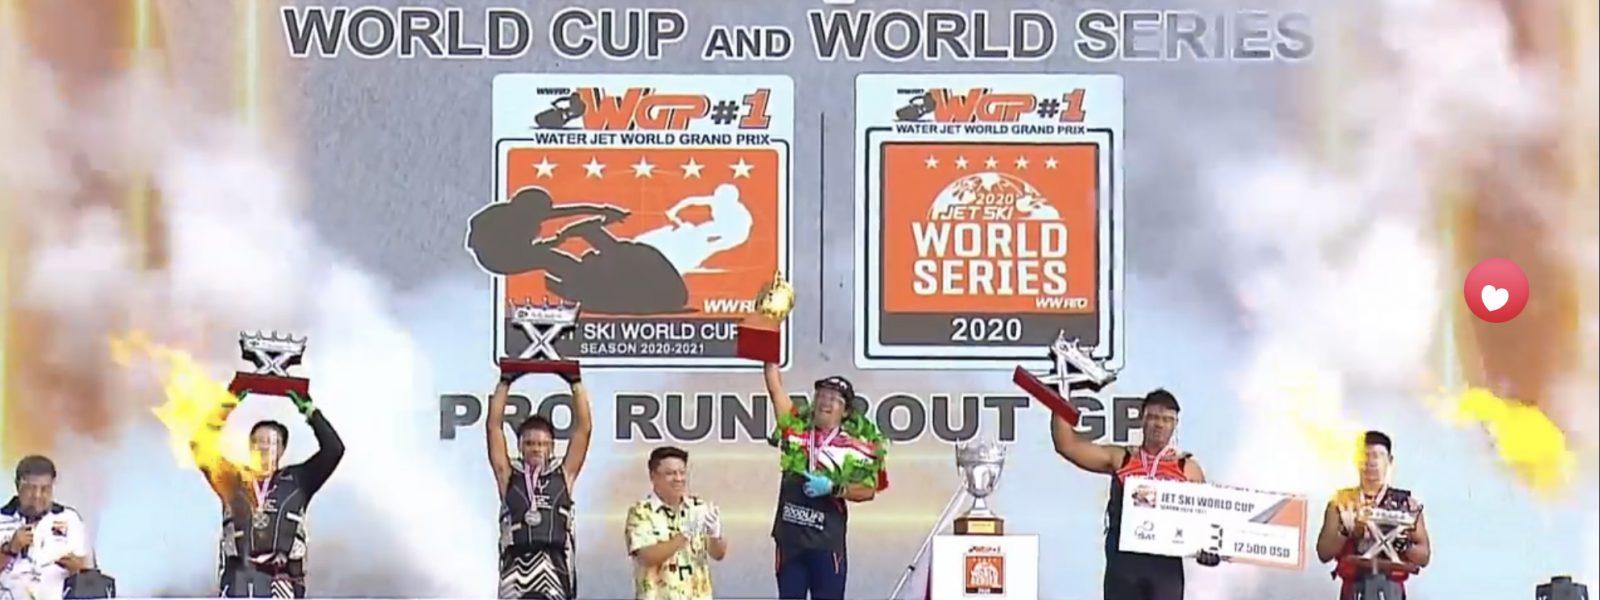 ジェットのワールドカップで砂盃選手が世界チャンピオンに!in タイ!